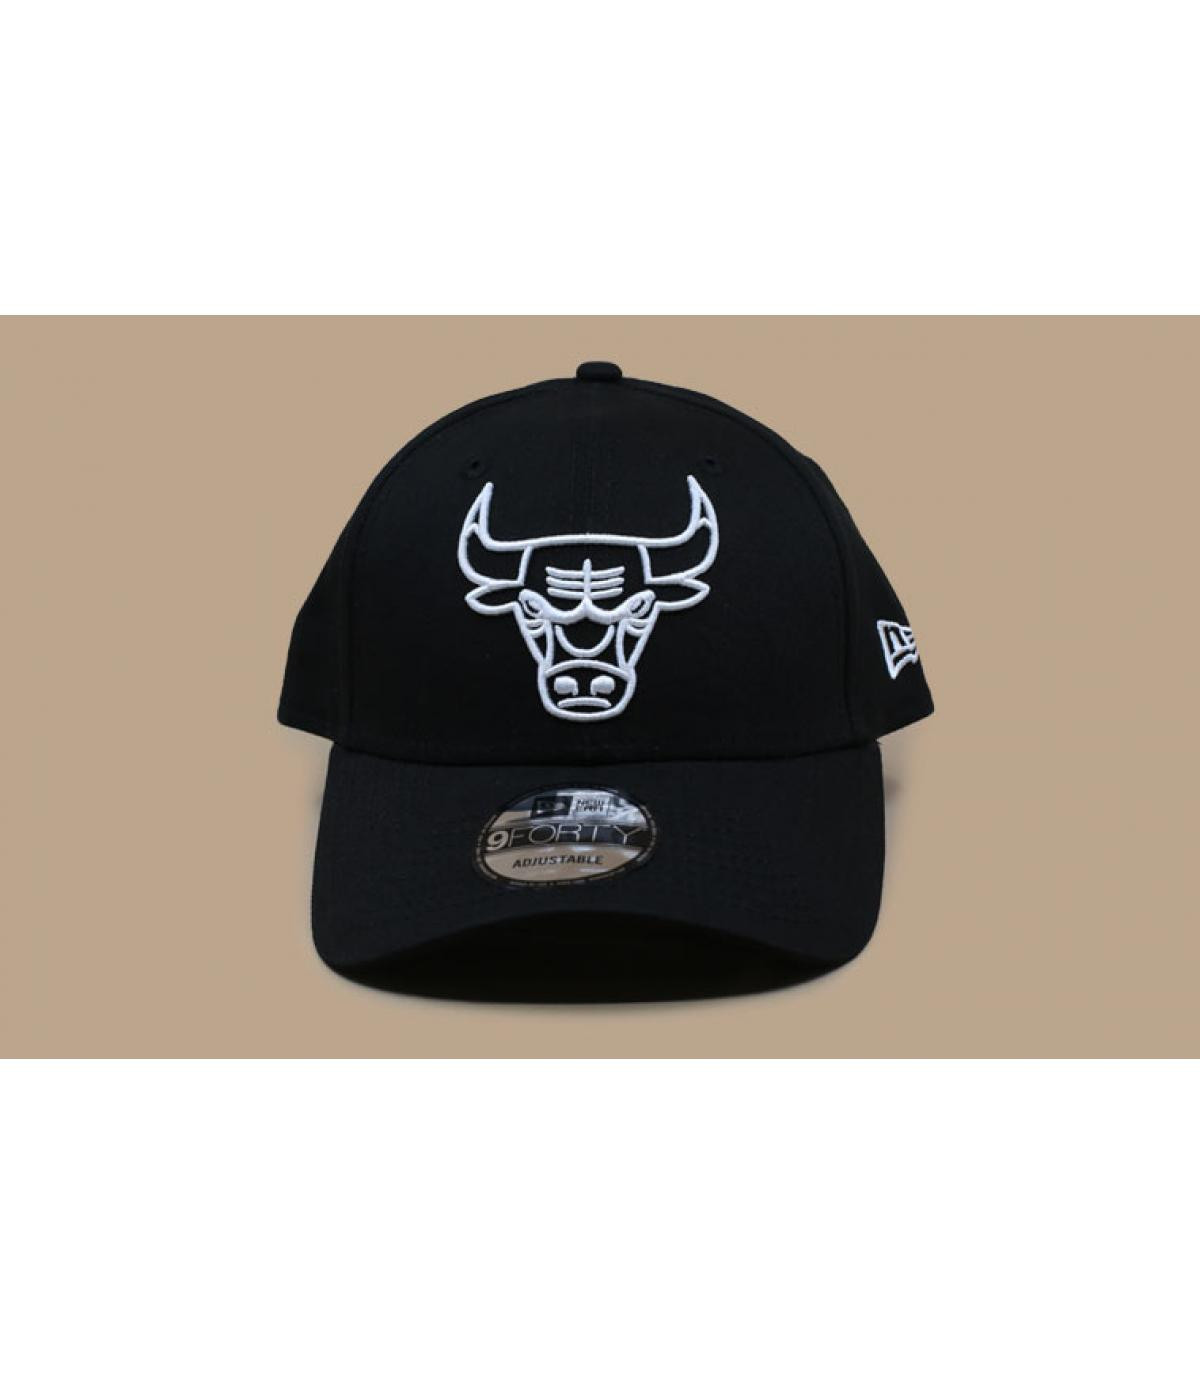 Détails Casquette NBA League Ess 940 Bulls black white - image 3